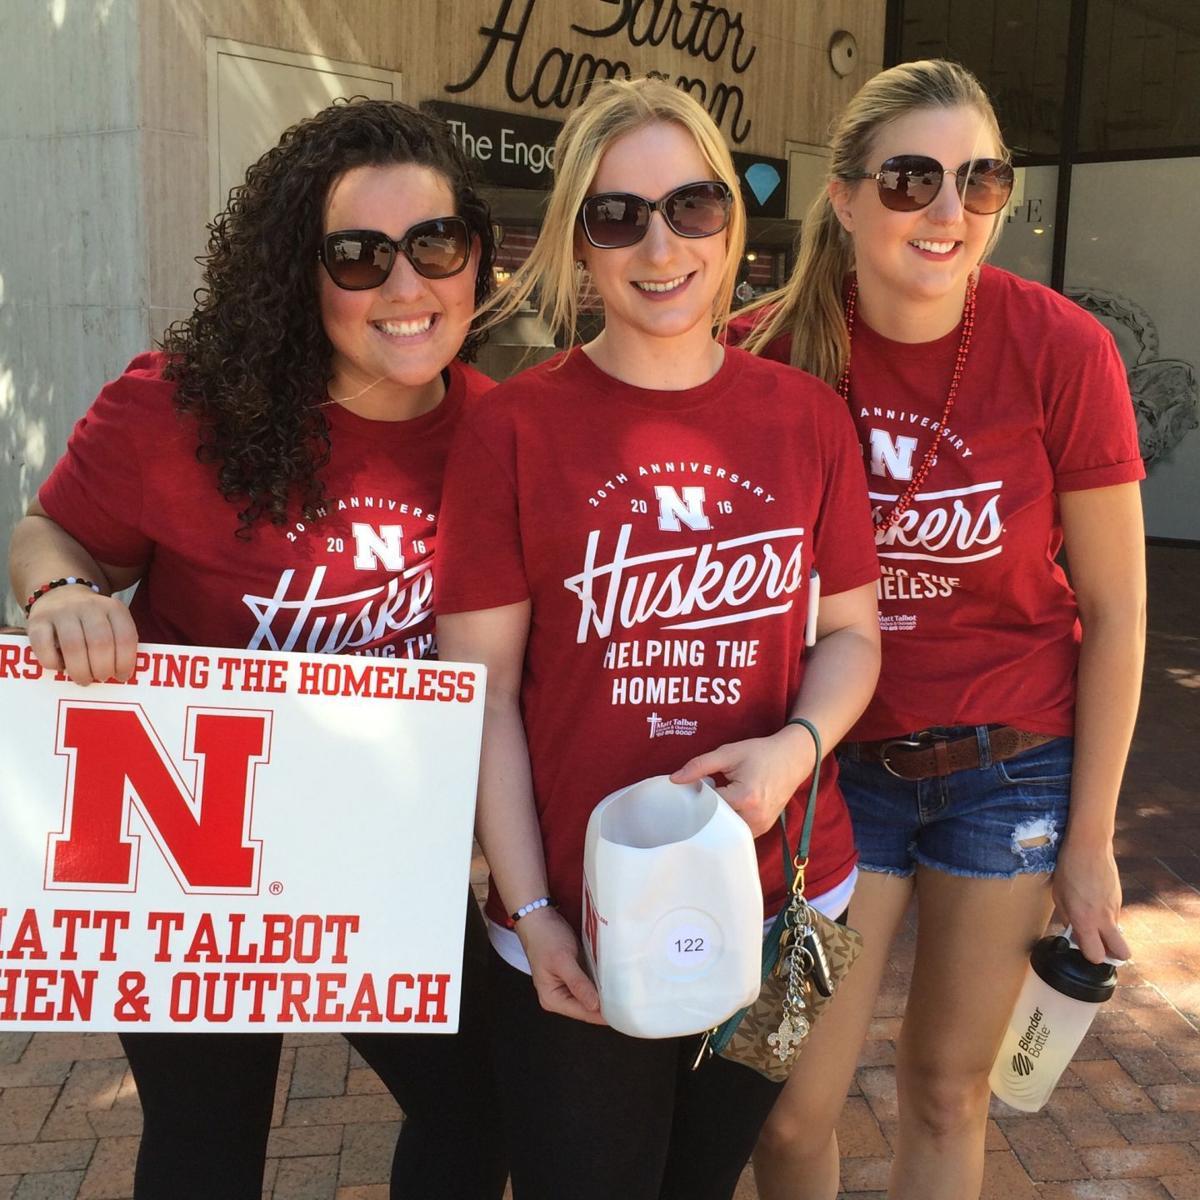 Volunteering In Lincoln Ne: Huskers Helping The Homeless Raises $56,000 For Matt